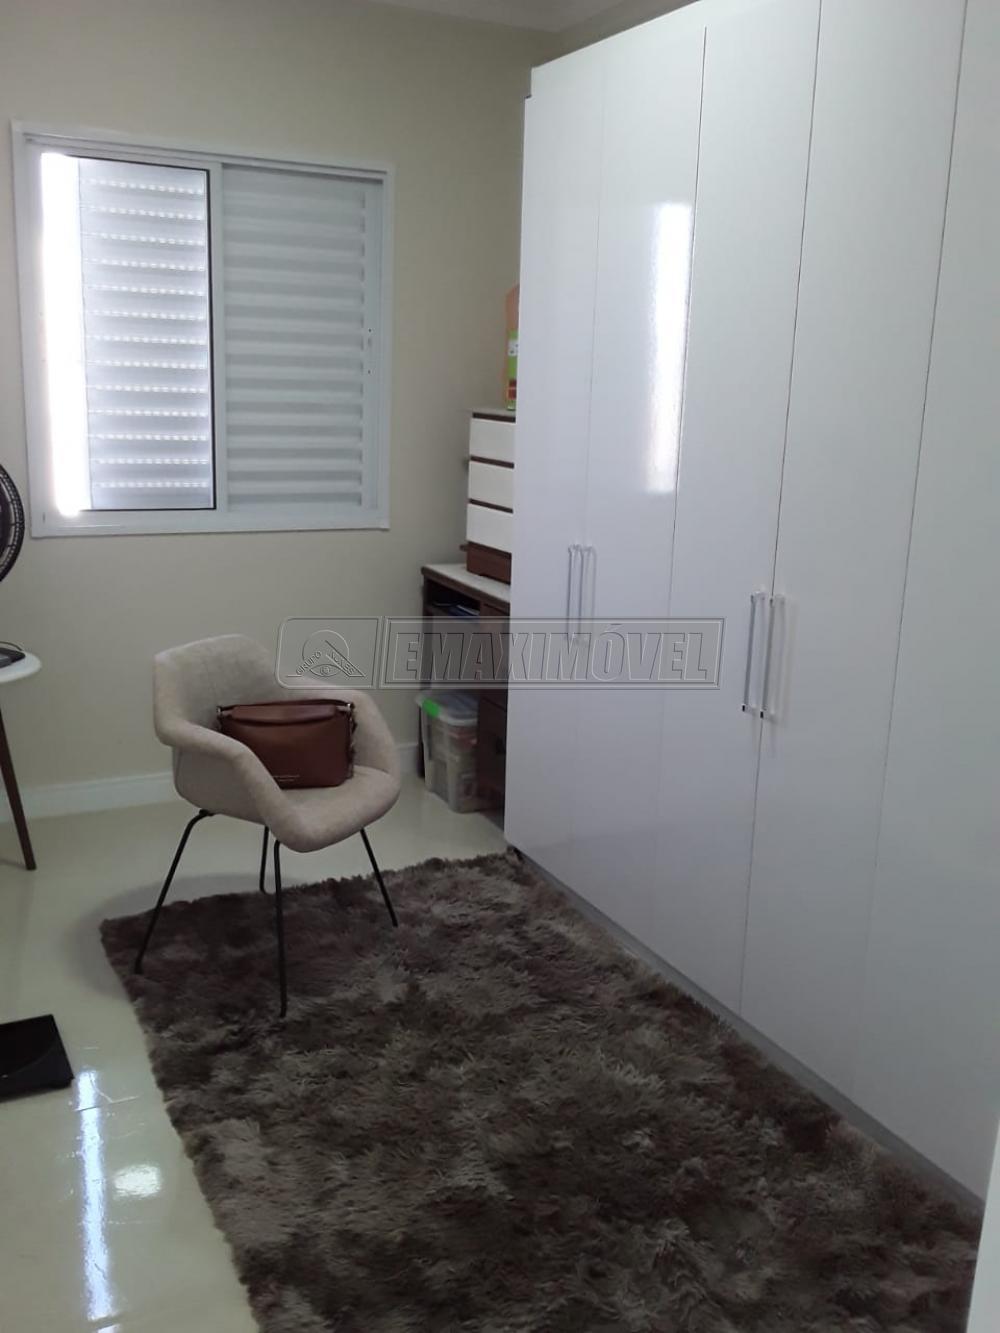 Comprar Apartamento / Padrão em Sorocaba R$ 270.000,00 - Foto 21